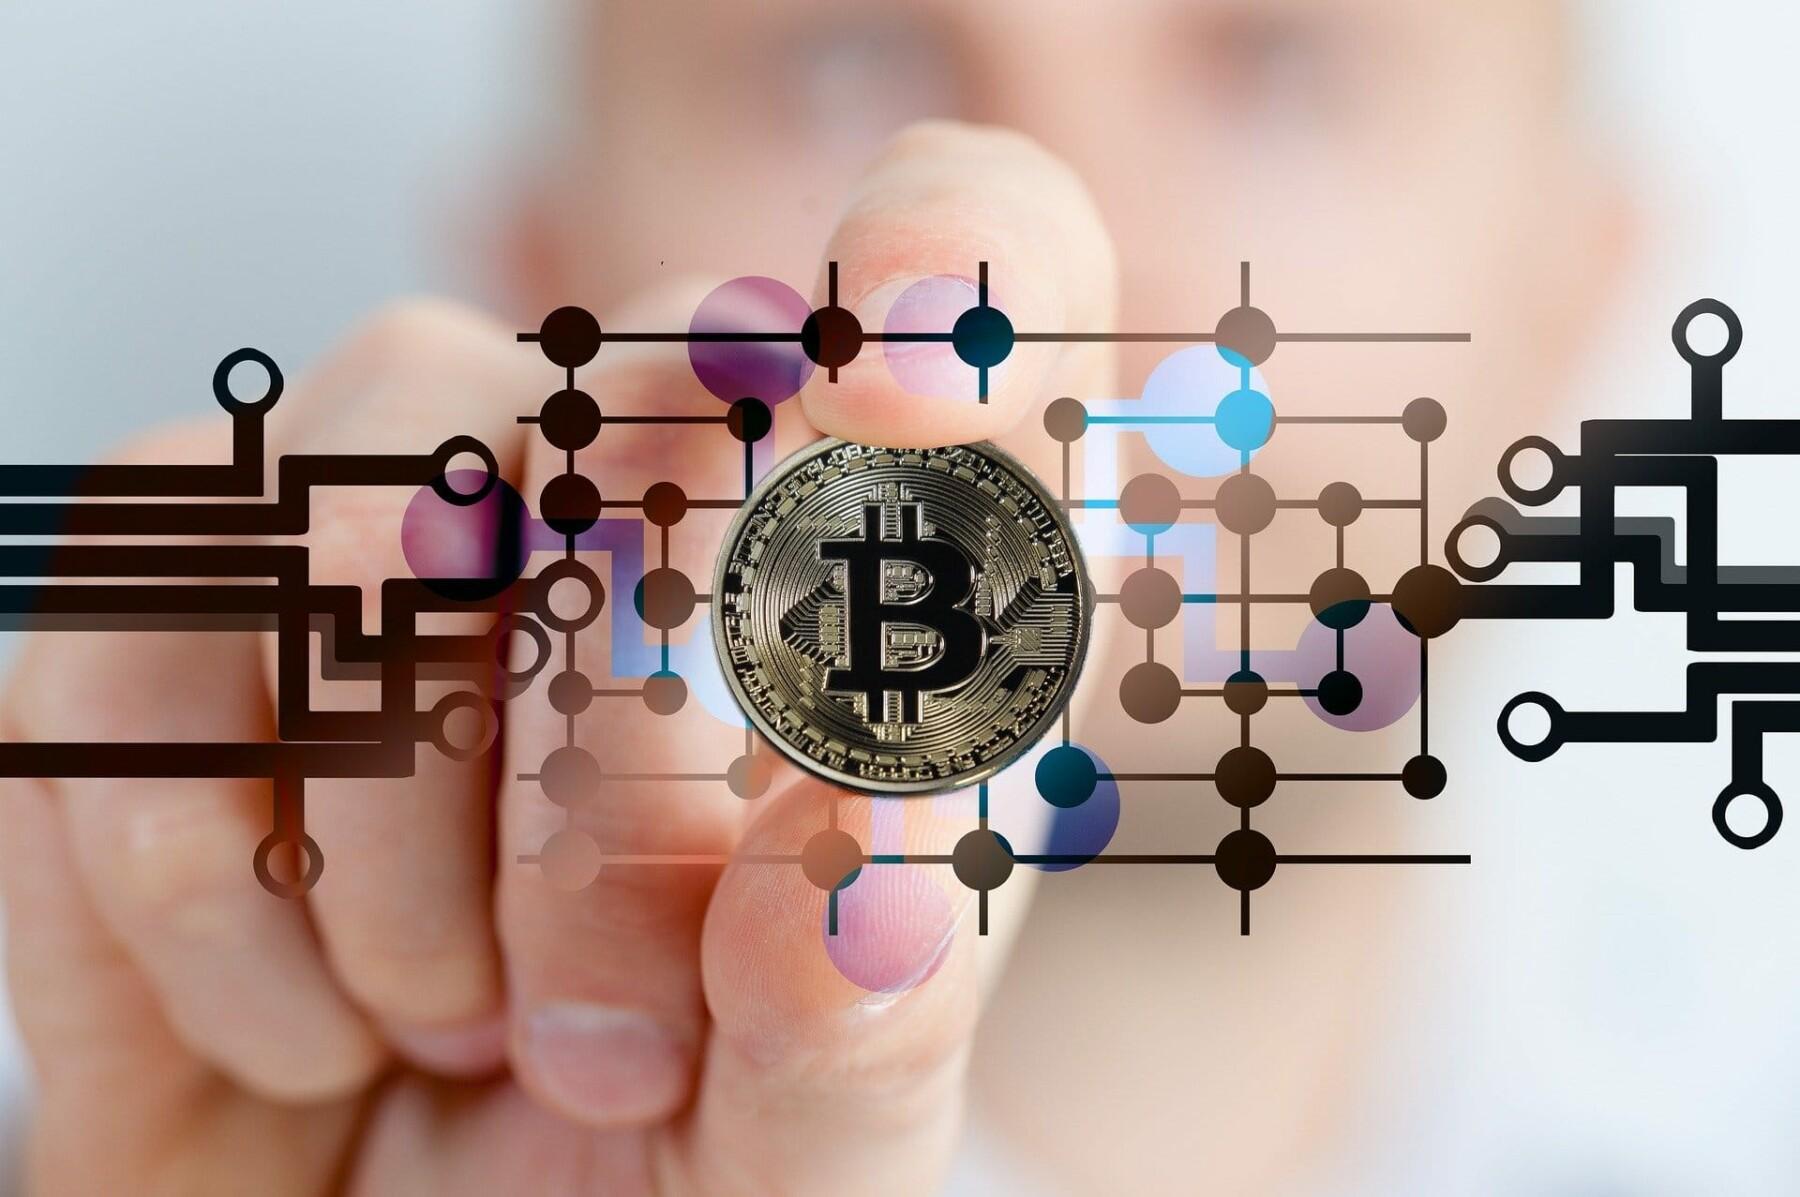 Bitcoin Wallets (billedet er fra Gerd Altmann på Pixabay)